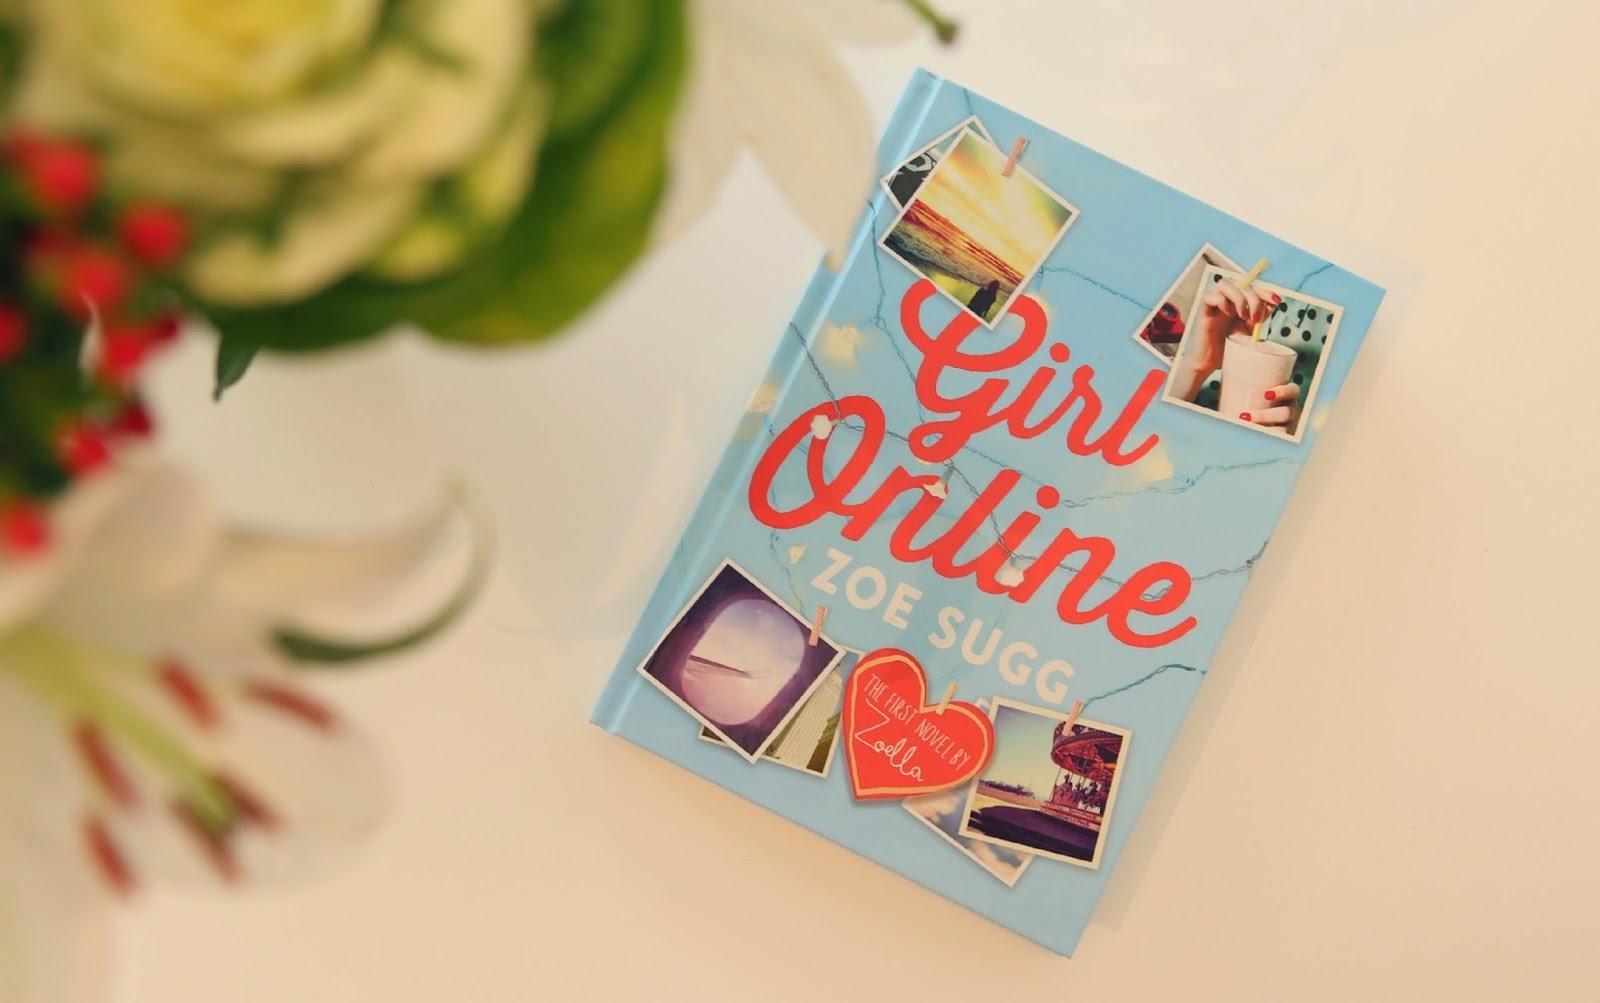 girl online book zoe sugg